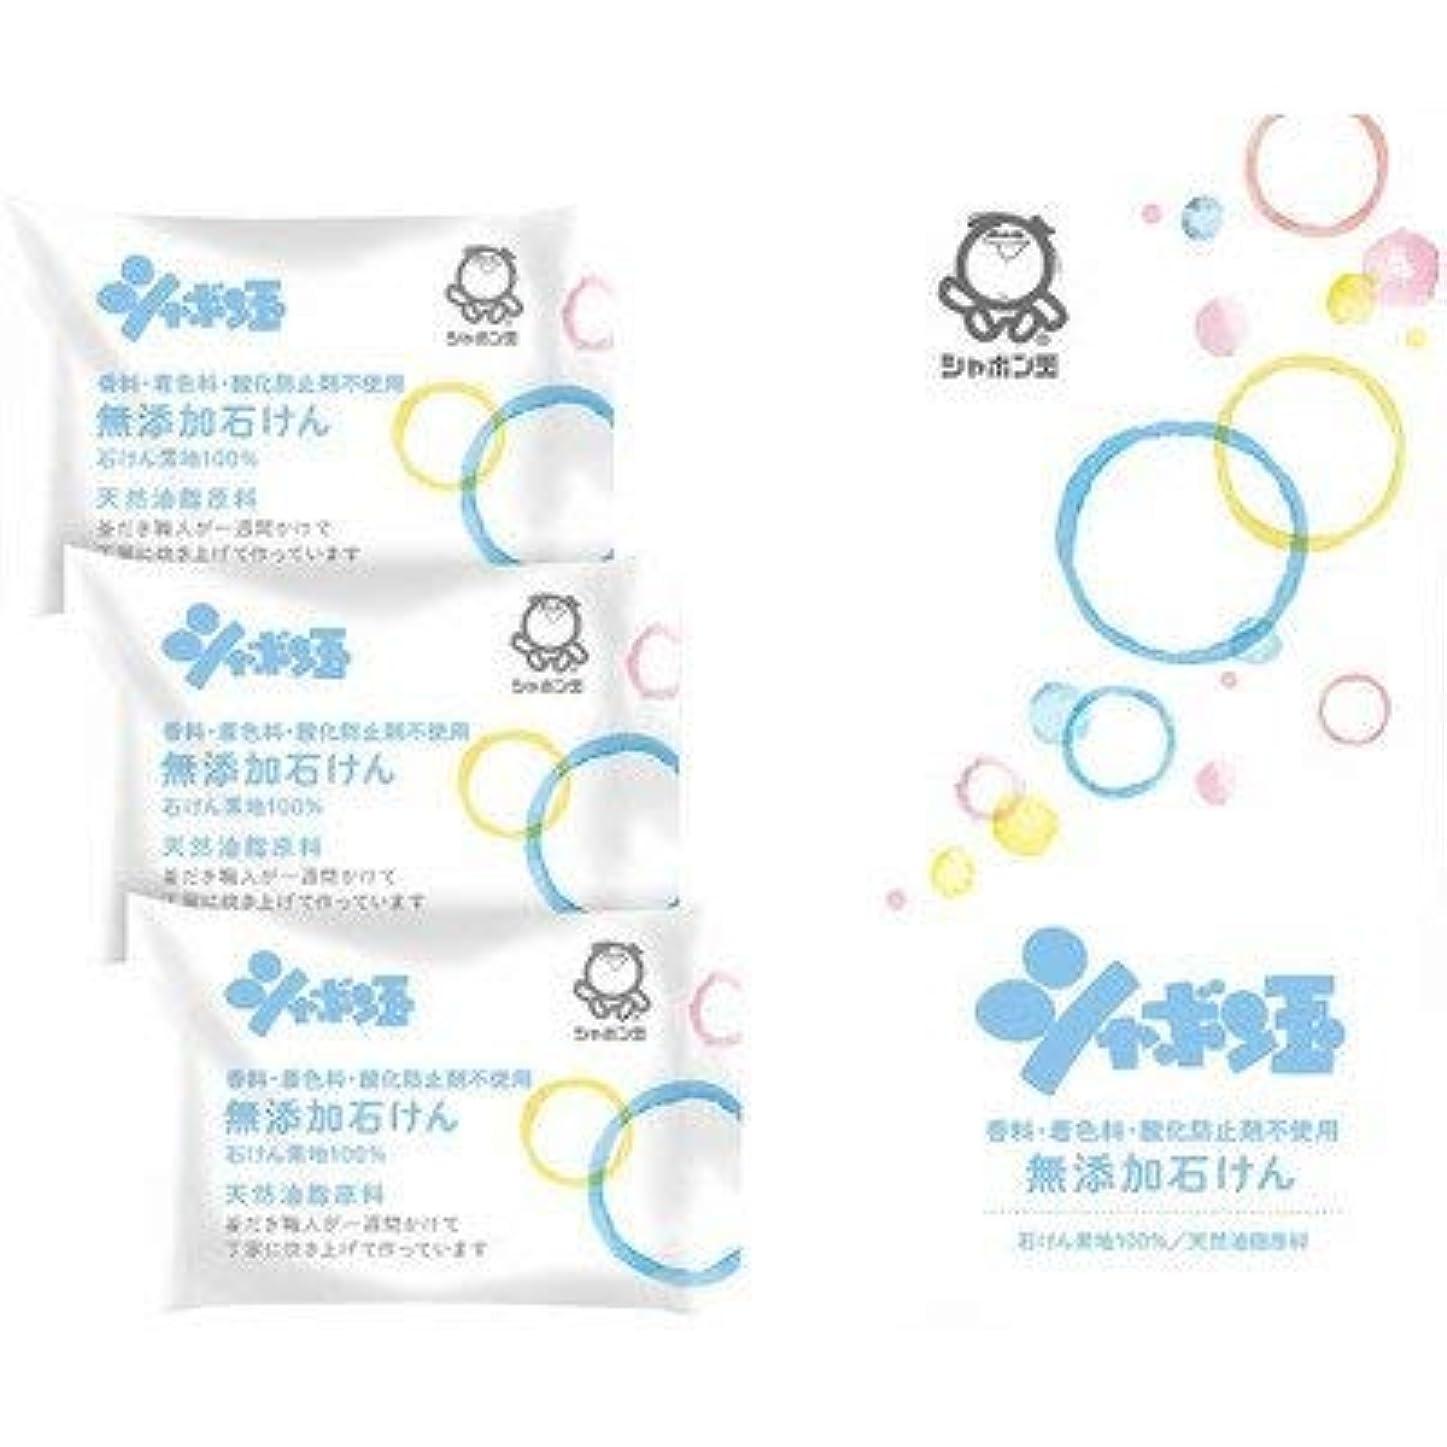 敏感な法律ジェーンオースティン【ギフトセット】 シャボン玉無添加石鹸ギフトセット SMG-5B